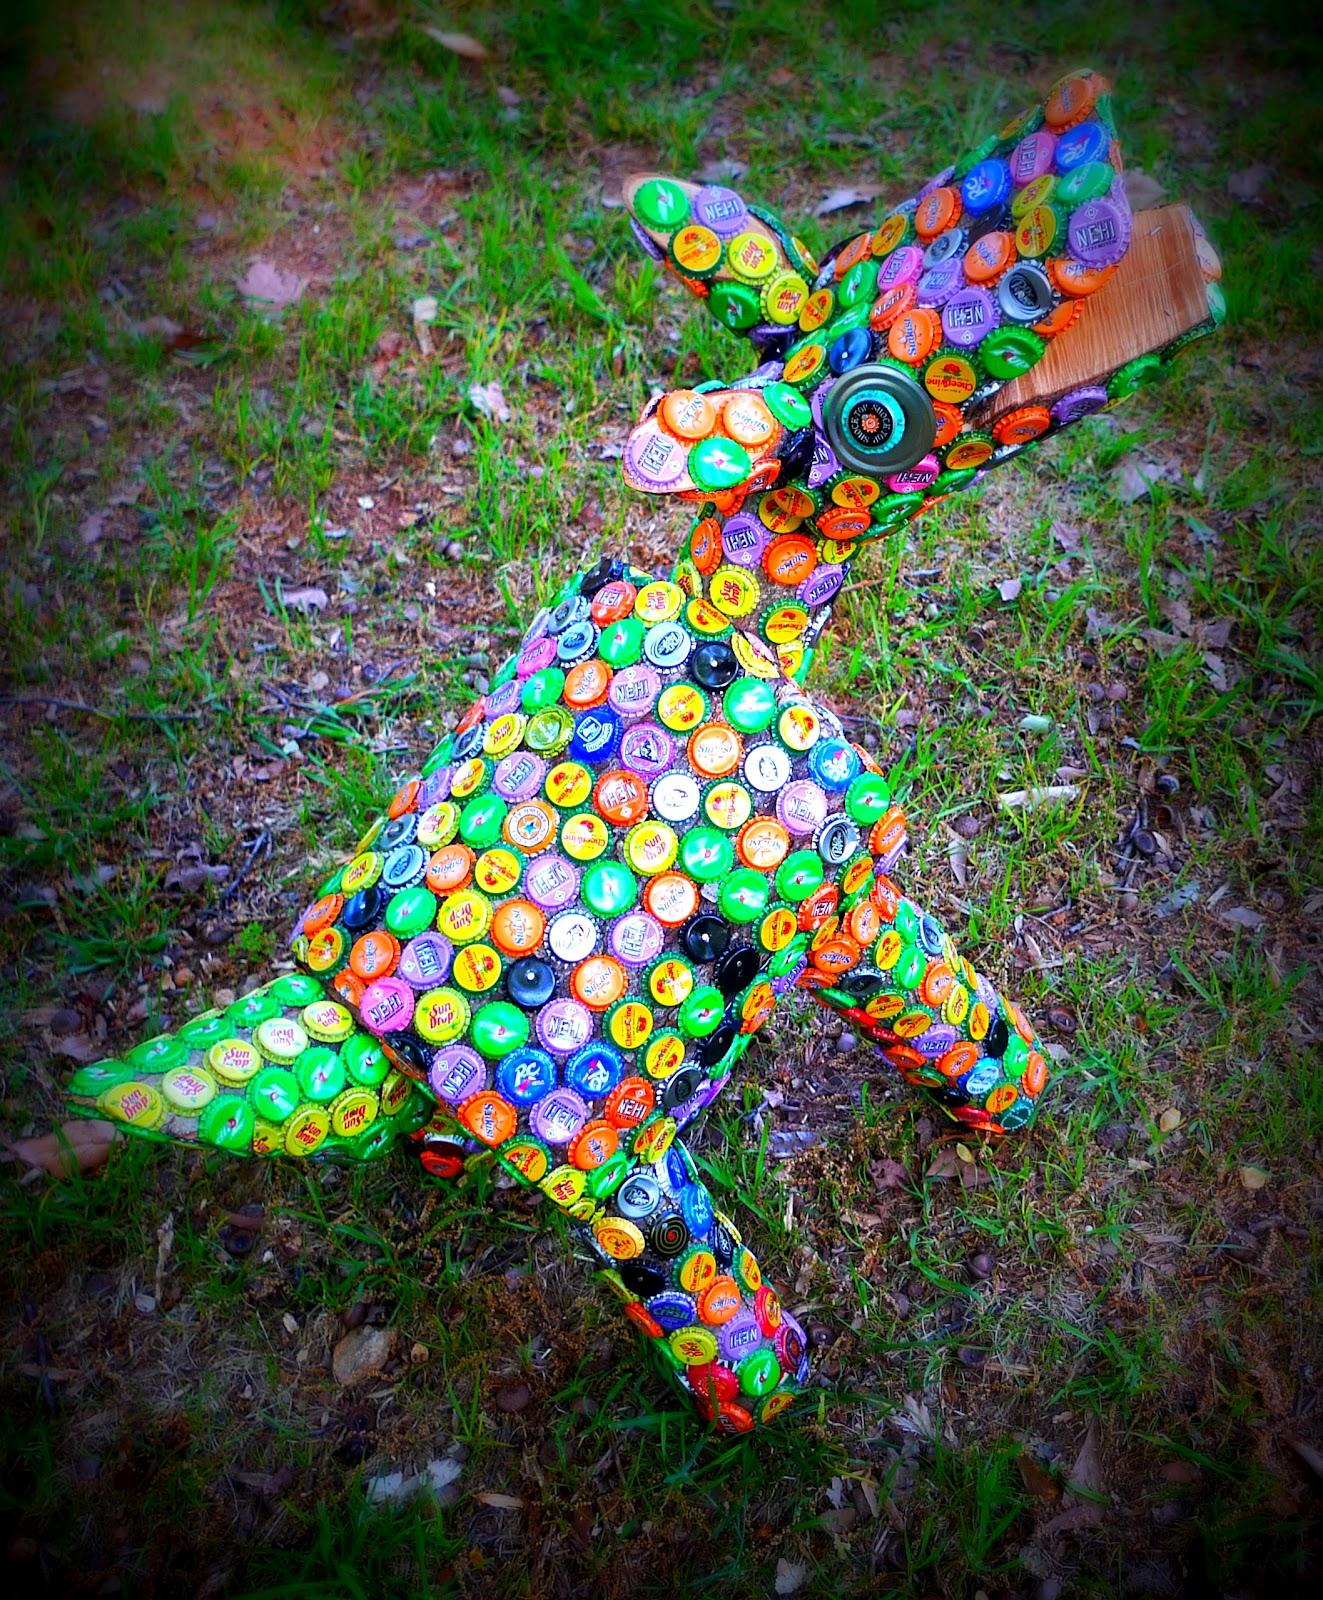 Robert Oren Eades Outsider Art Bottle Cap Hound